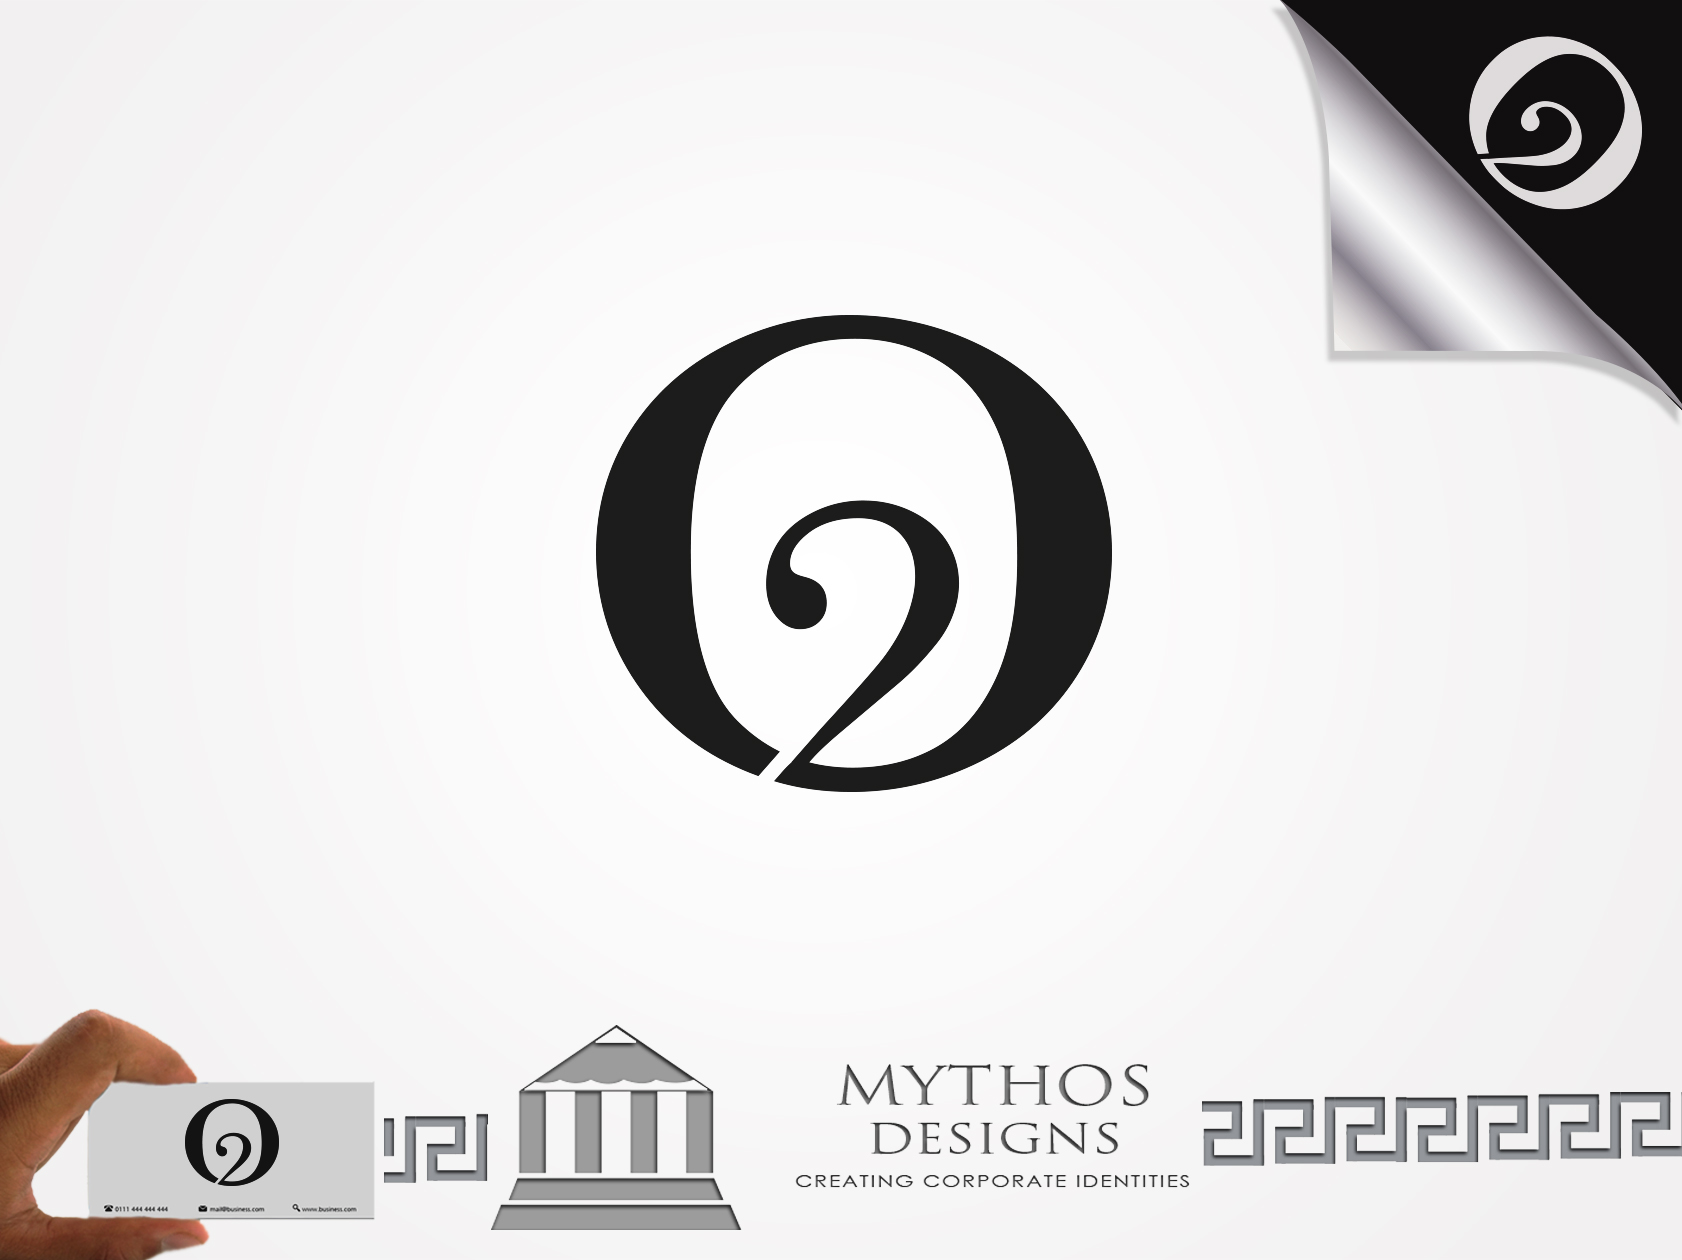 Logo Design by Mythos Designs - Entry No. 23 in the Logo Design Contest Artistic Logo Design for O2.